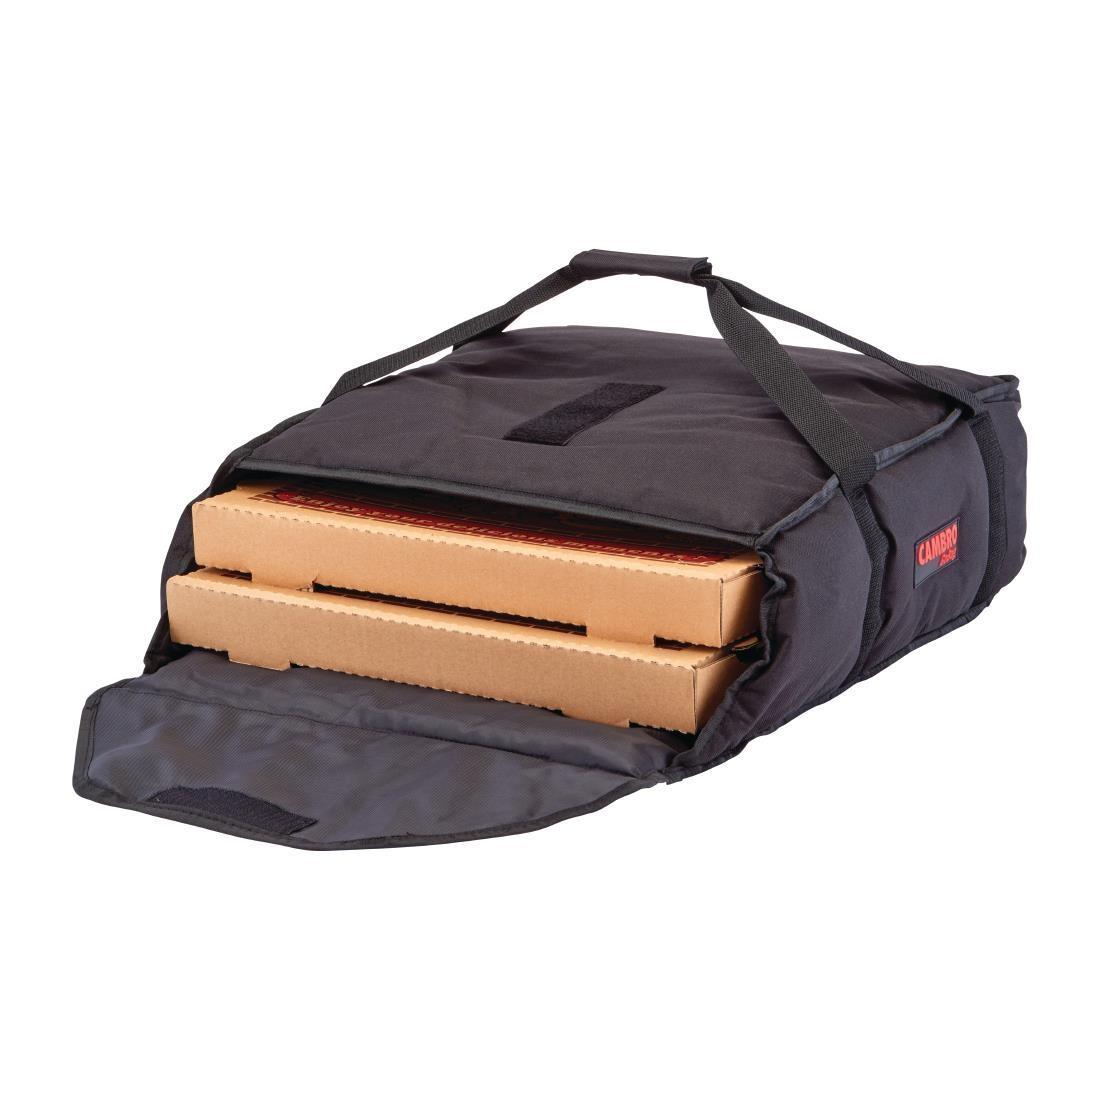 Bolsa de nylon y vinilo para reparto de pizzas pequeña Cambro GoBag FB276